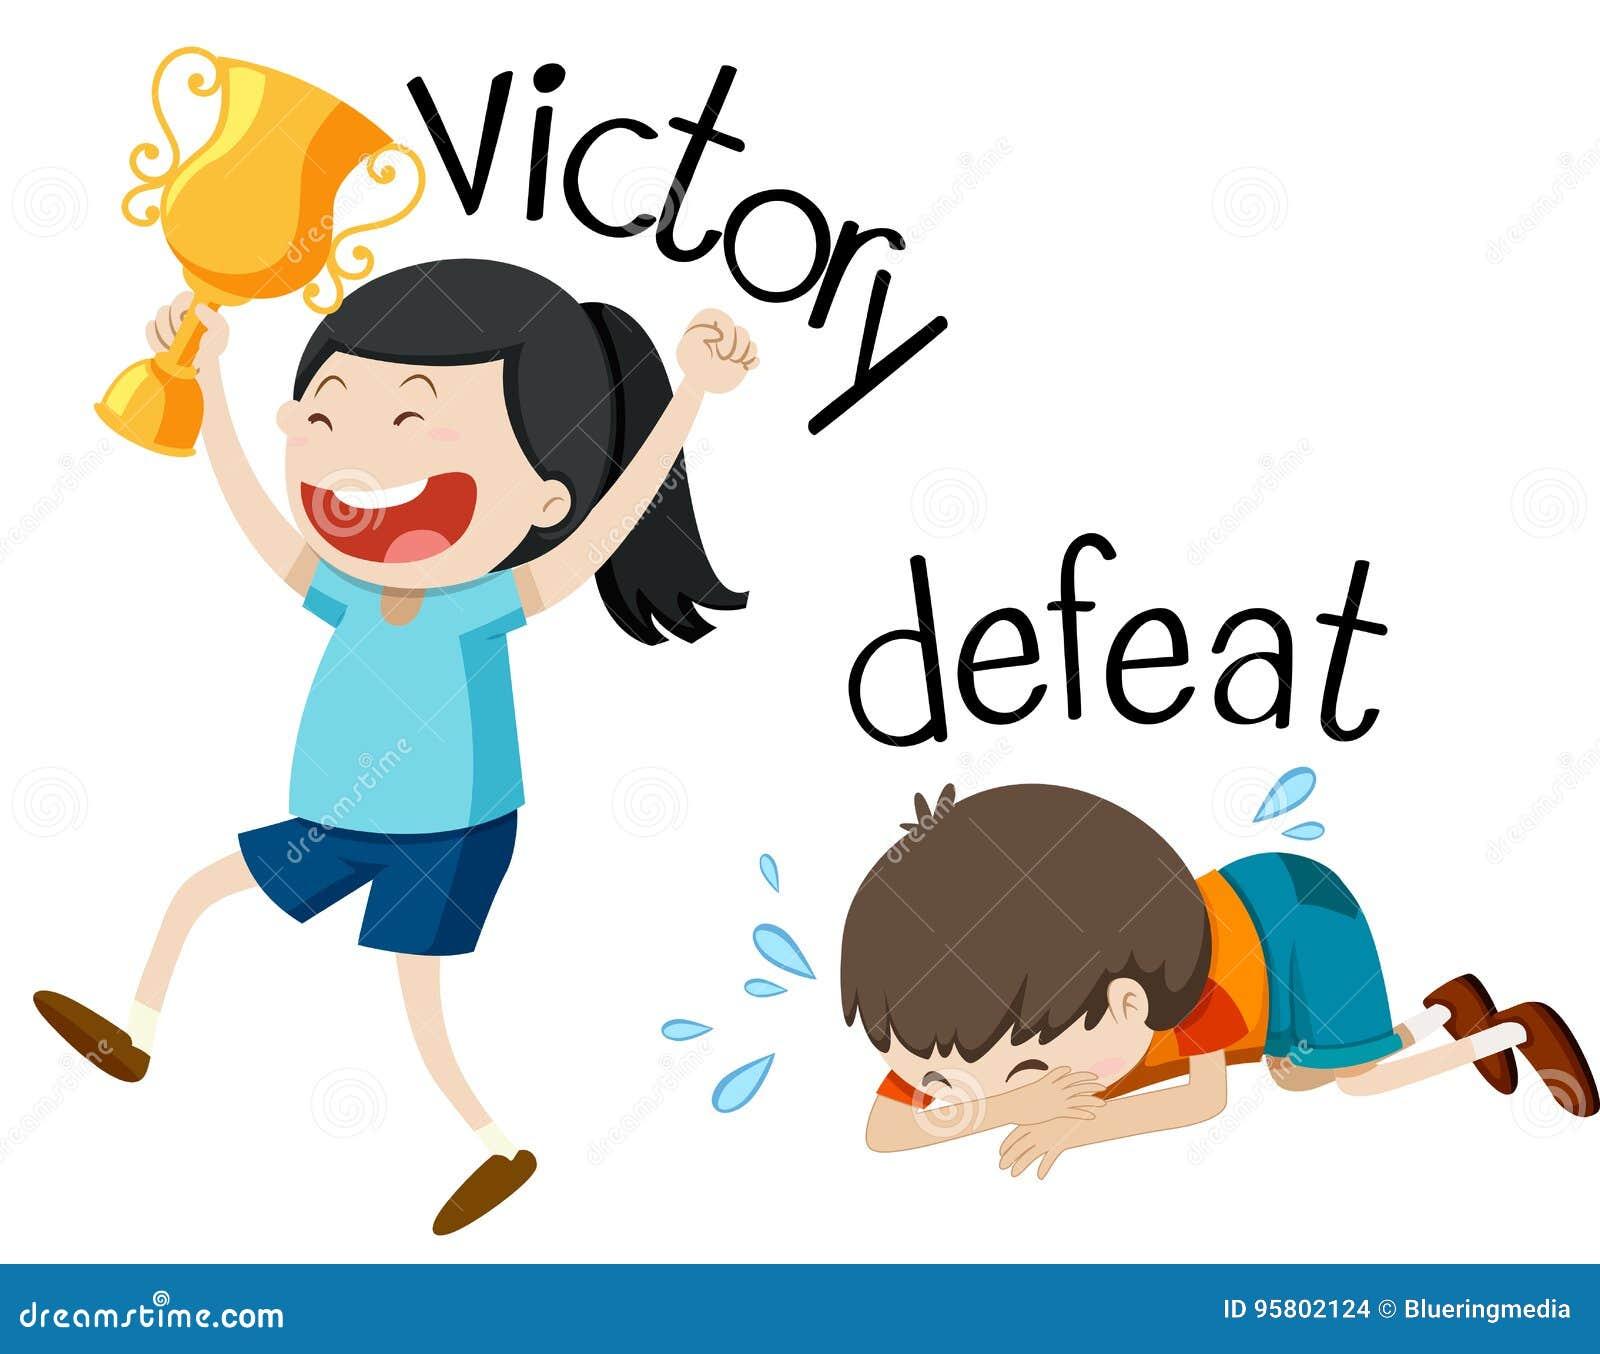 Motsatt wordcard för seger och nederlag